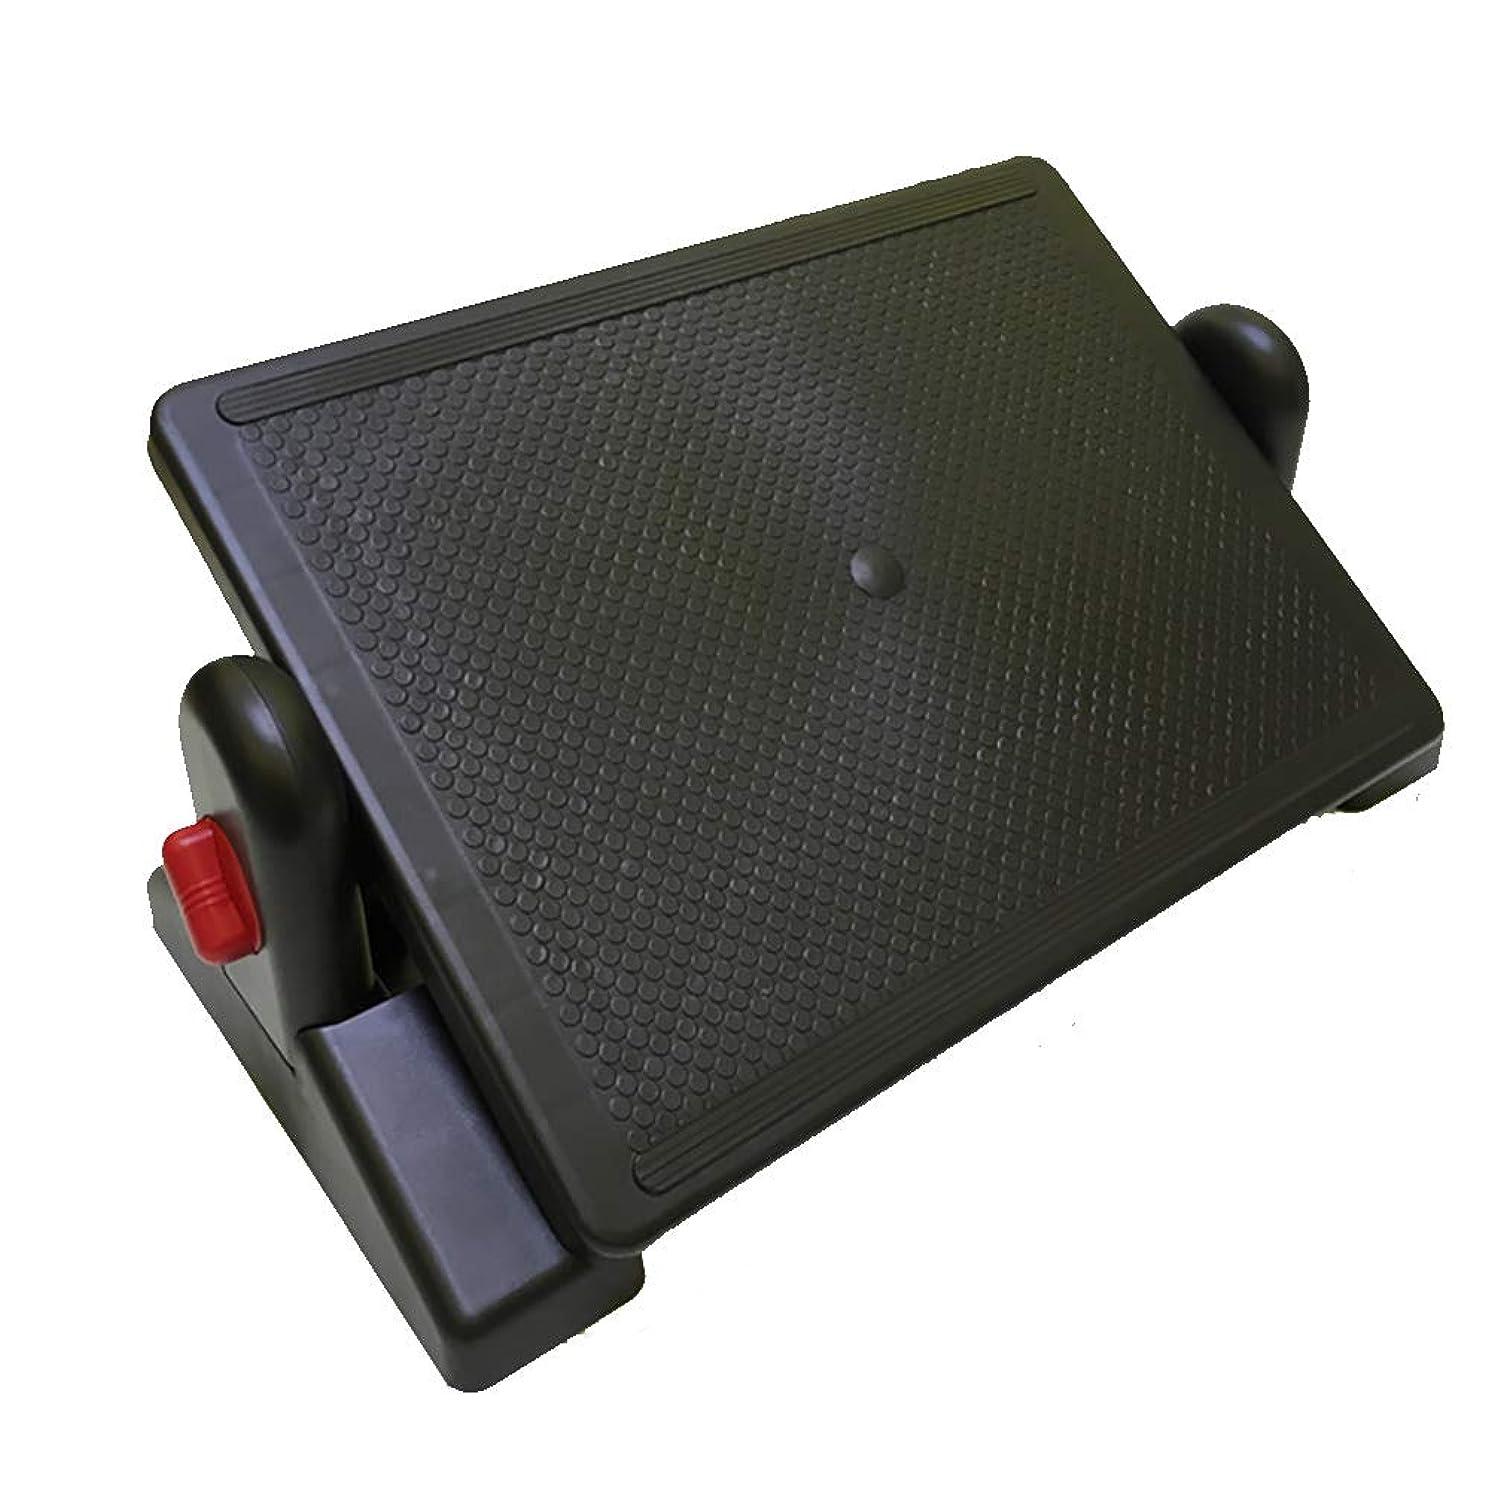 脅迫満了豊富机の下のロックできる角度、オフィスの机の下の人間工学的の愚かなスツール、フットライザー、家のための腰痛の軽減、オフィスの調節可能なフットレスト,Red